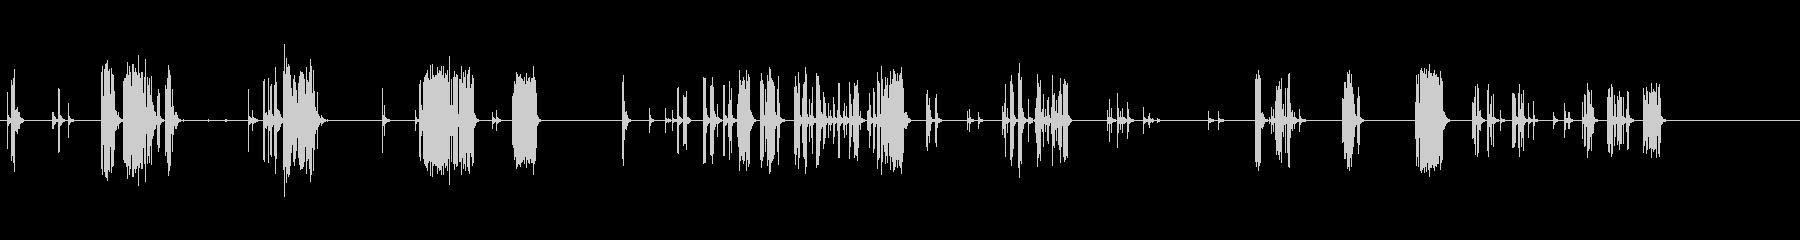 バリバリバリバリ(接触不良)の未再生の波形